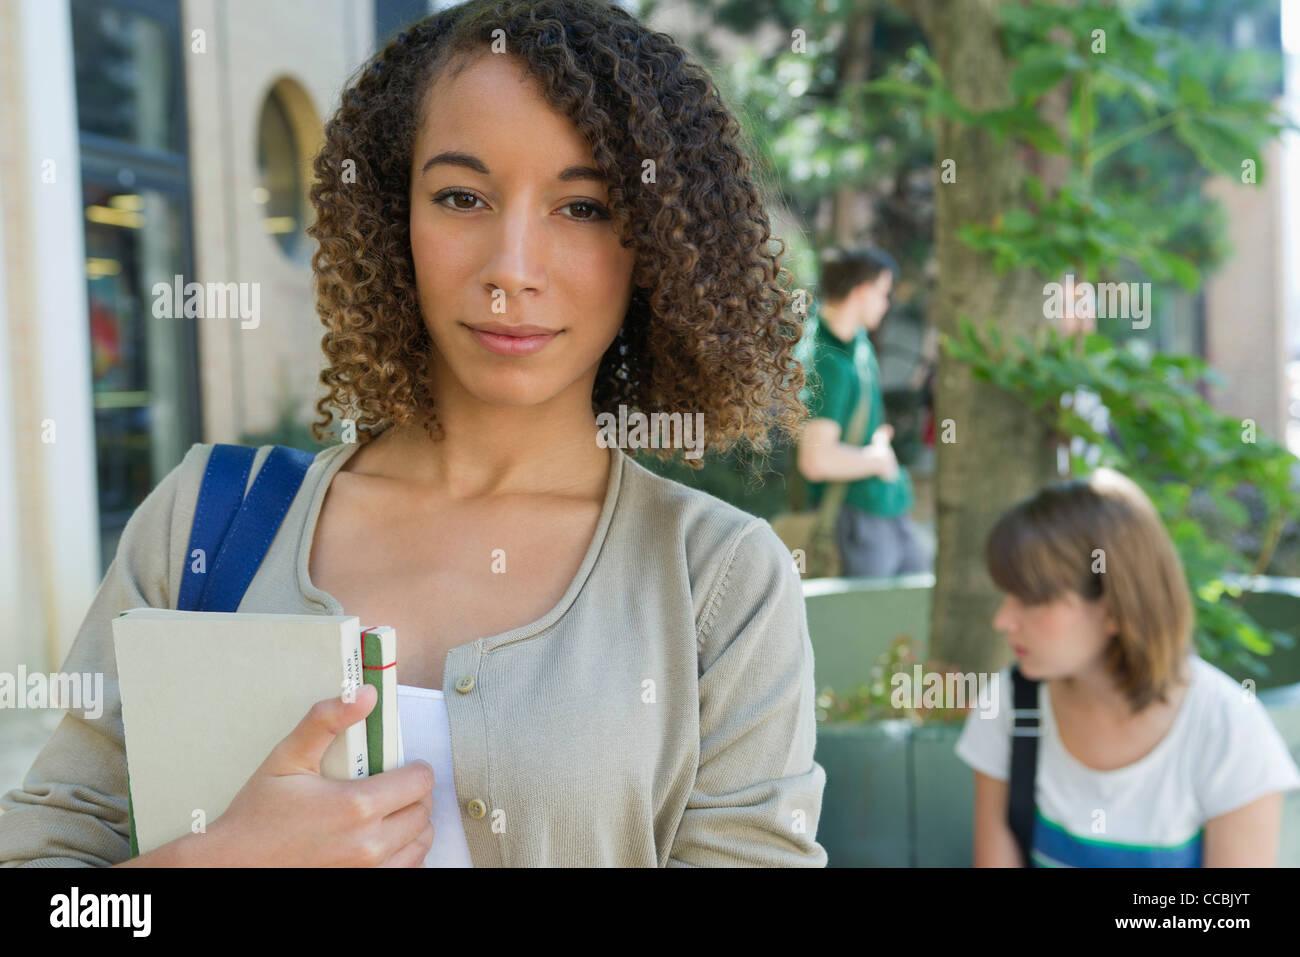 Weibliche College-Student, portrait Stockbild